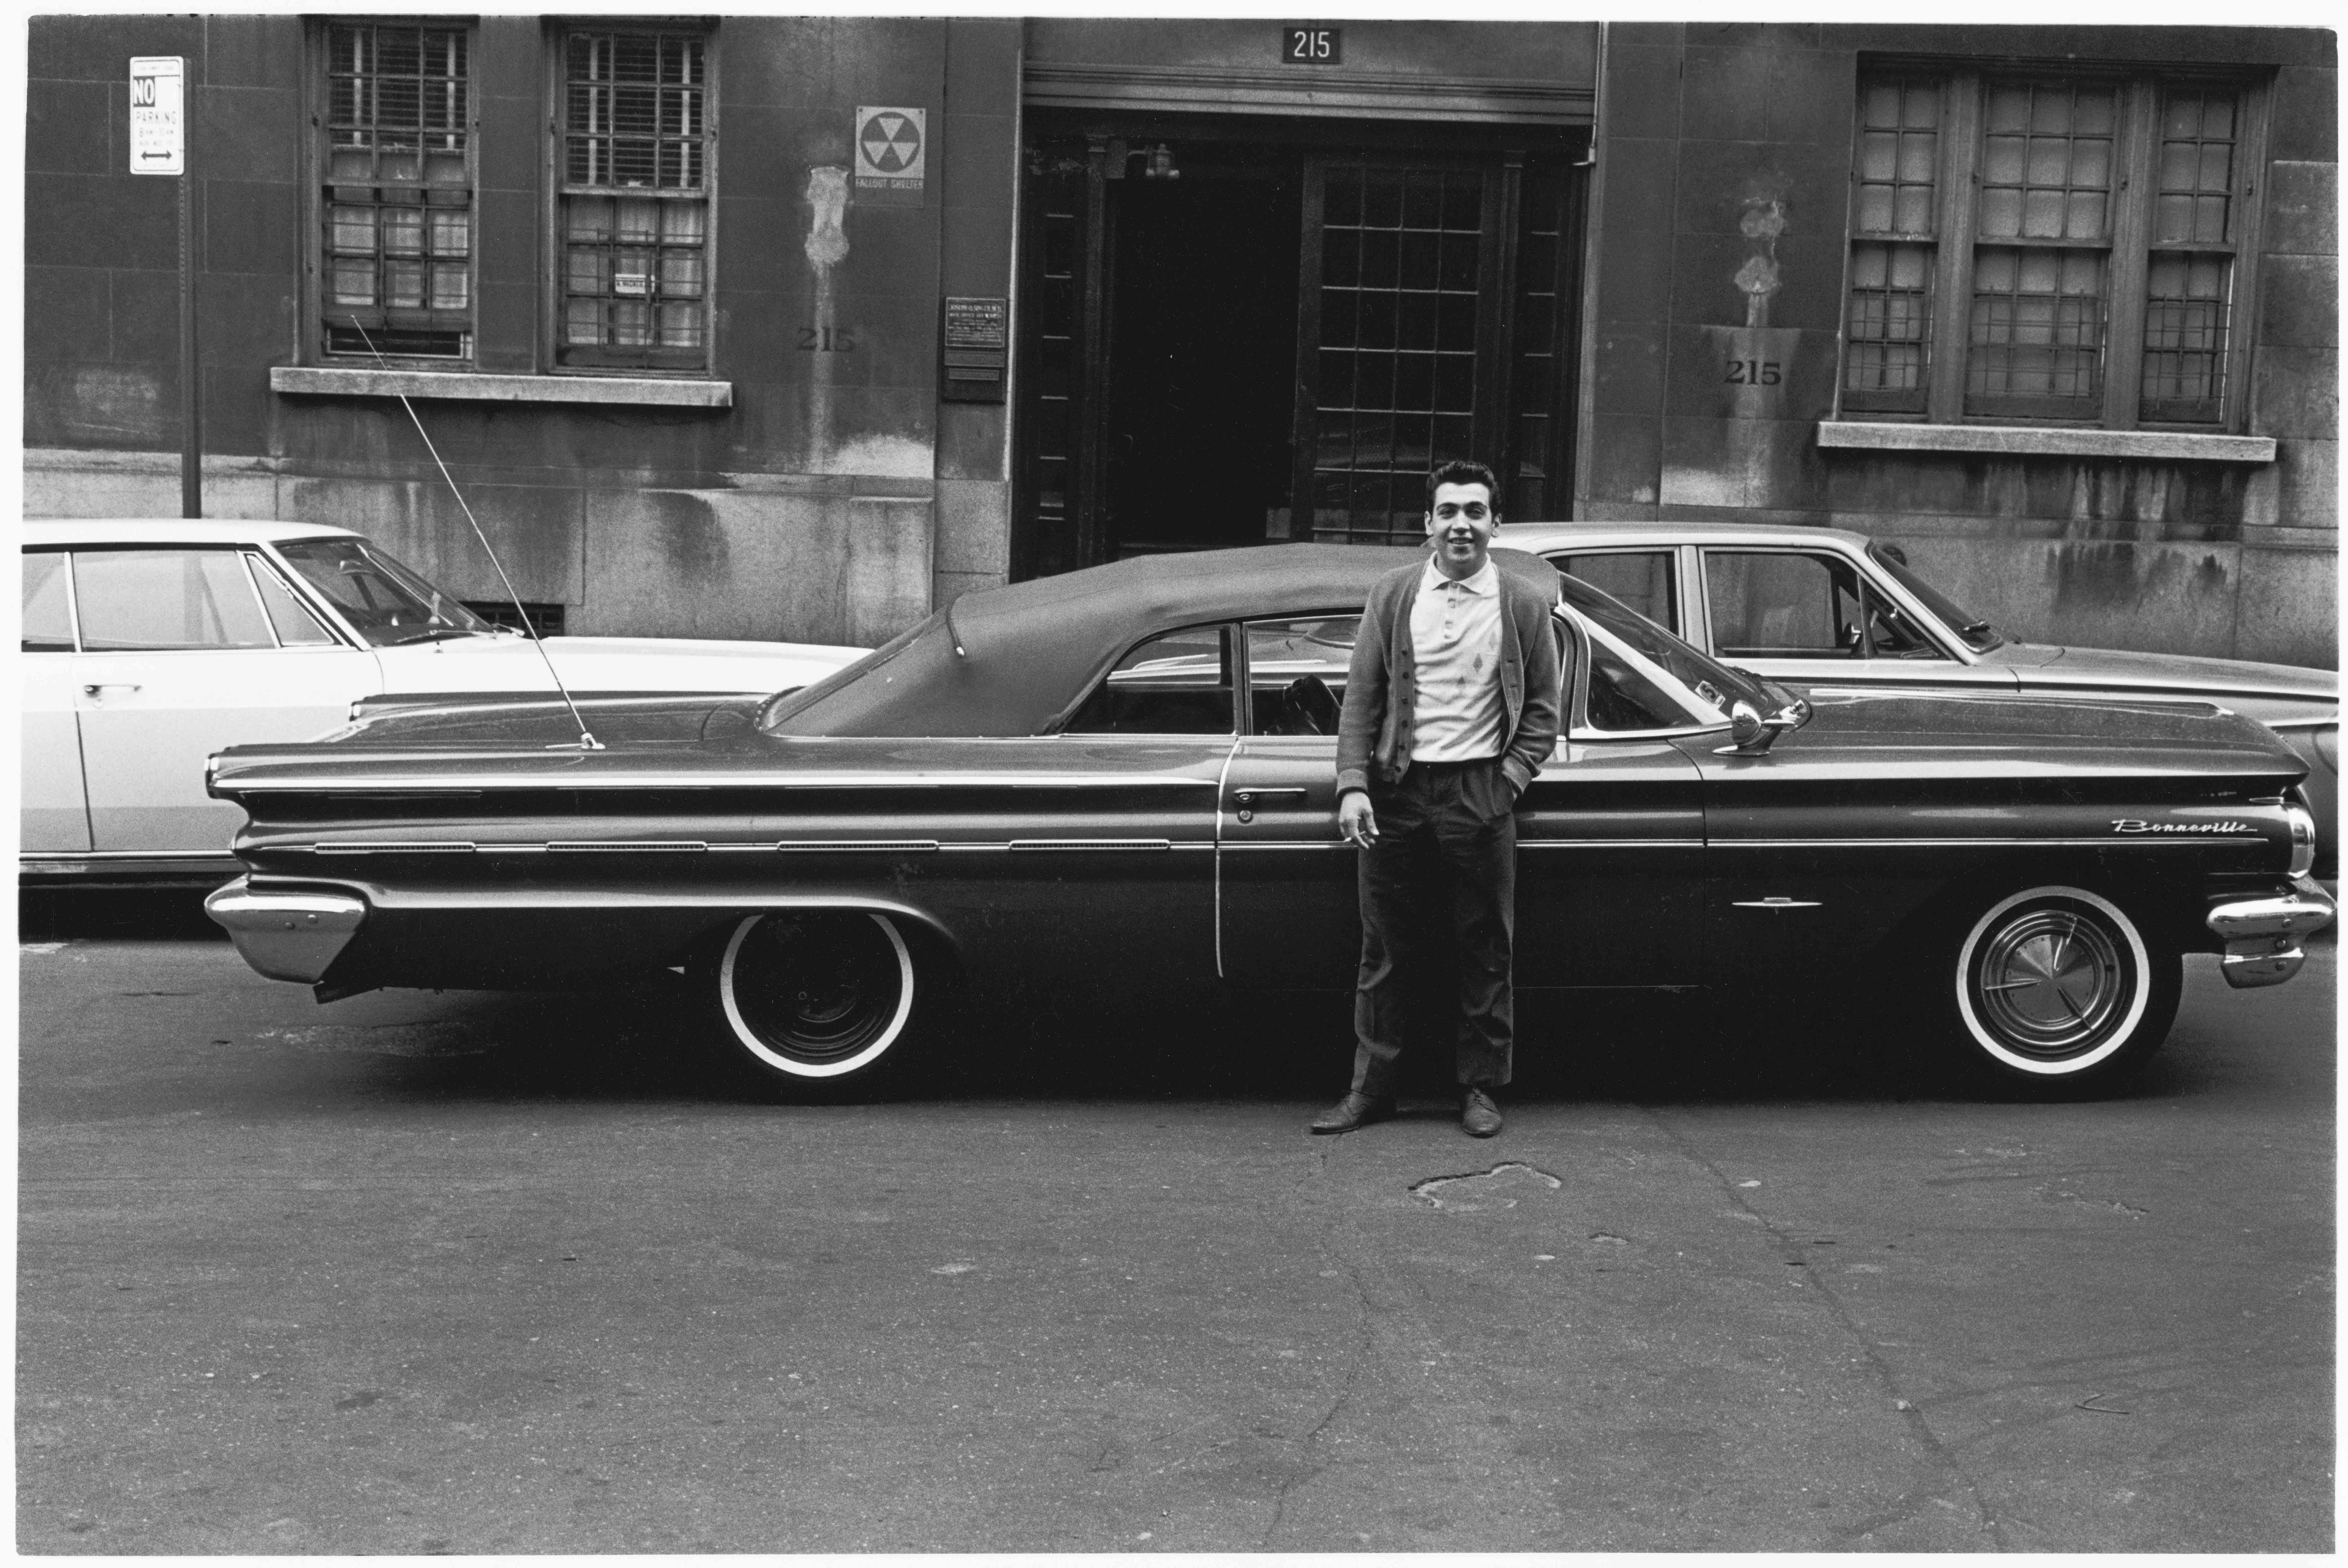 Pontiac Bonneville and its proud owner, 1965